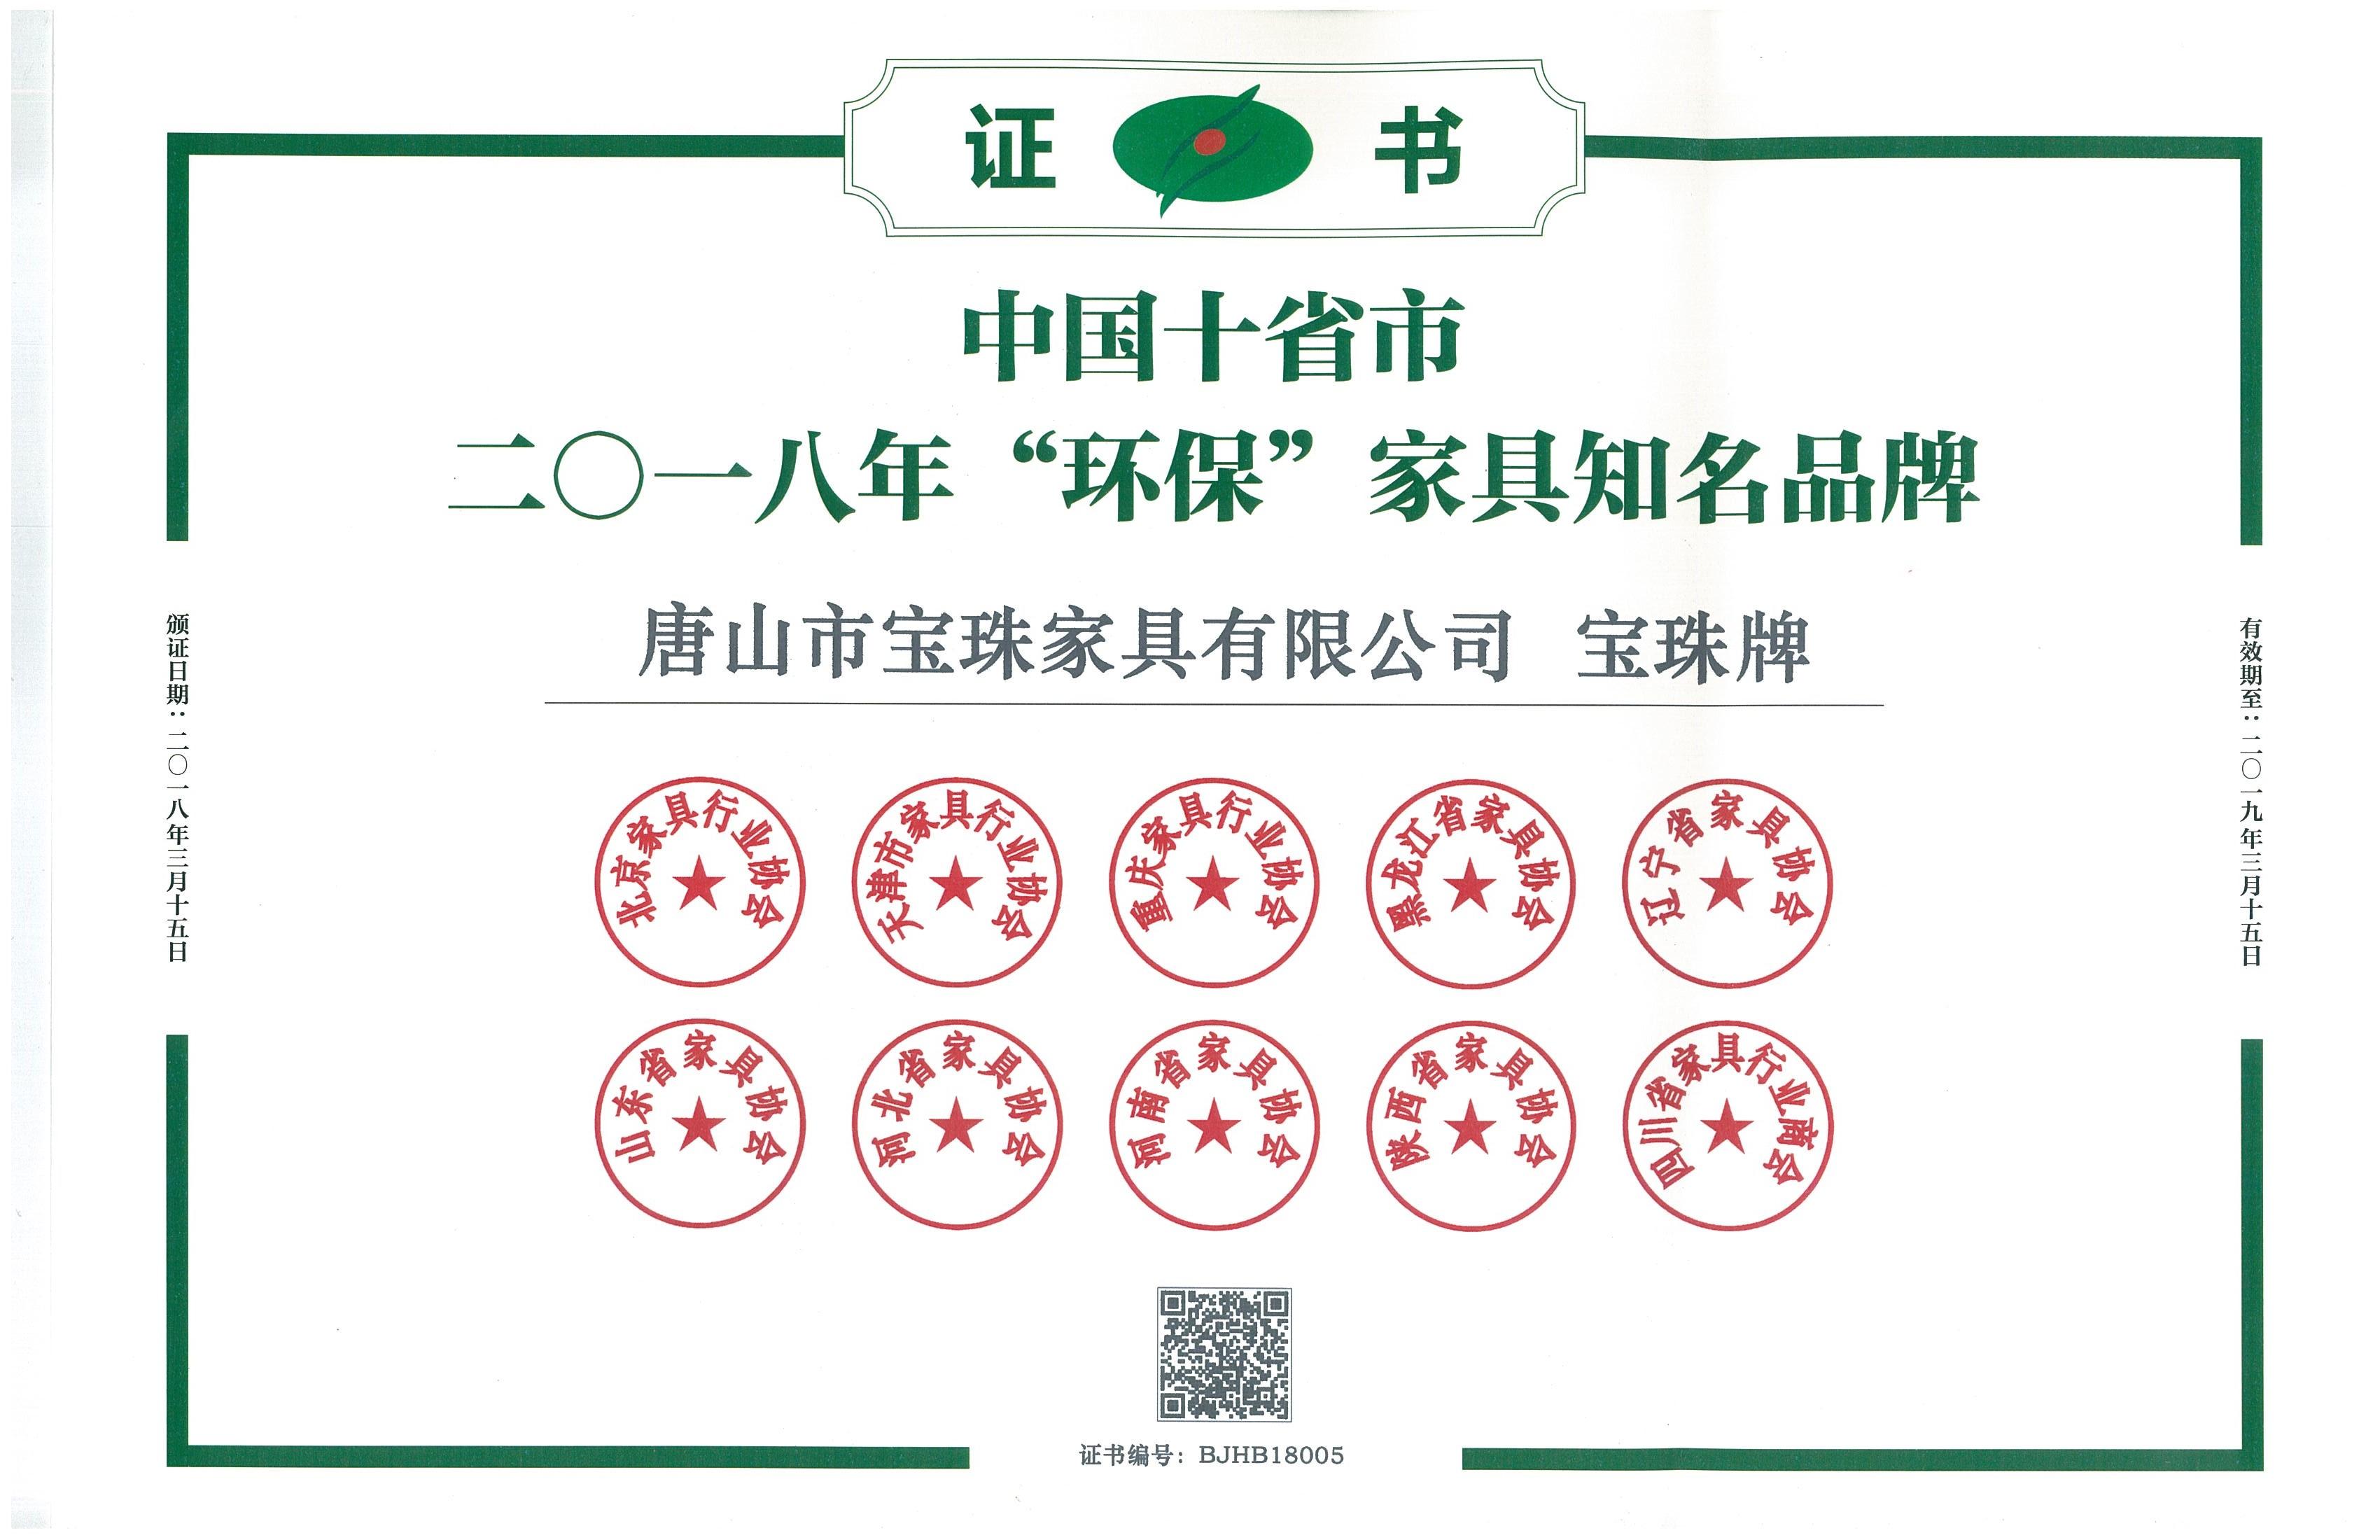 """2018年寶珠公司榮獲-中國十省市二0一八年""""環?!奔揖咧放?證書,讓綠色家具進萬家一直是寶珠人的堅持的初心"""